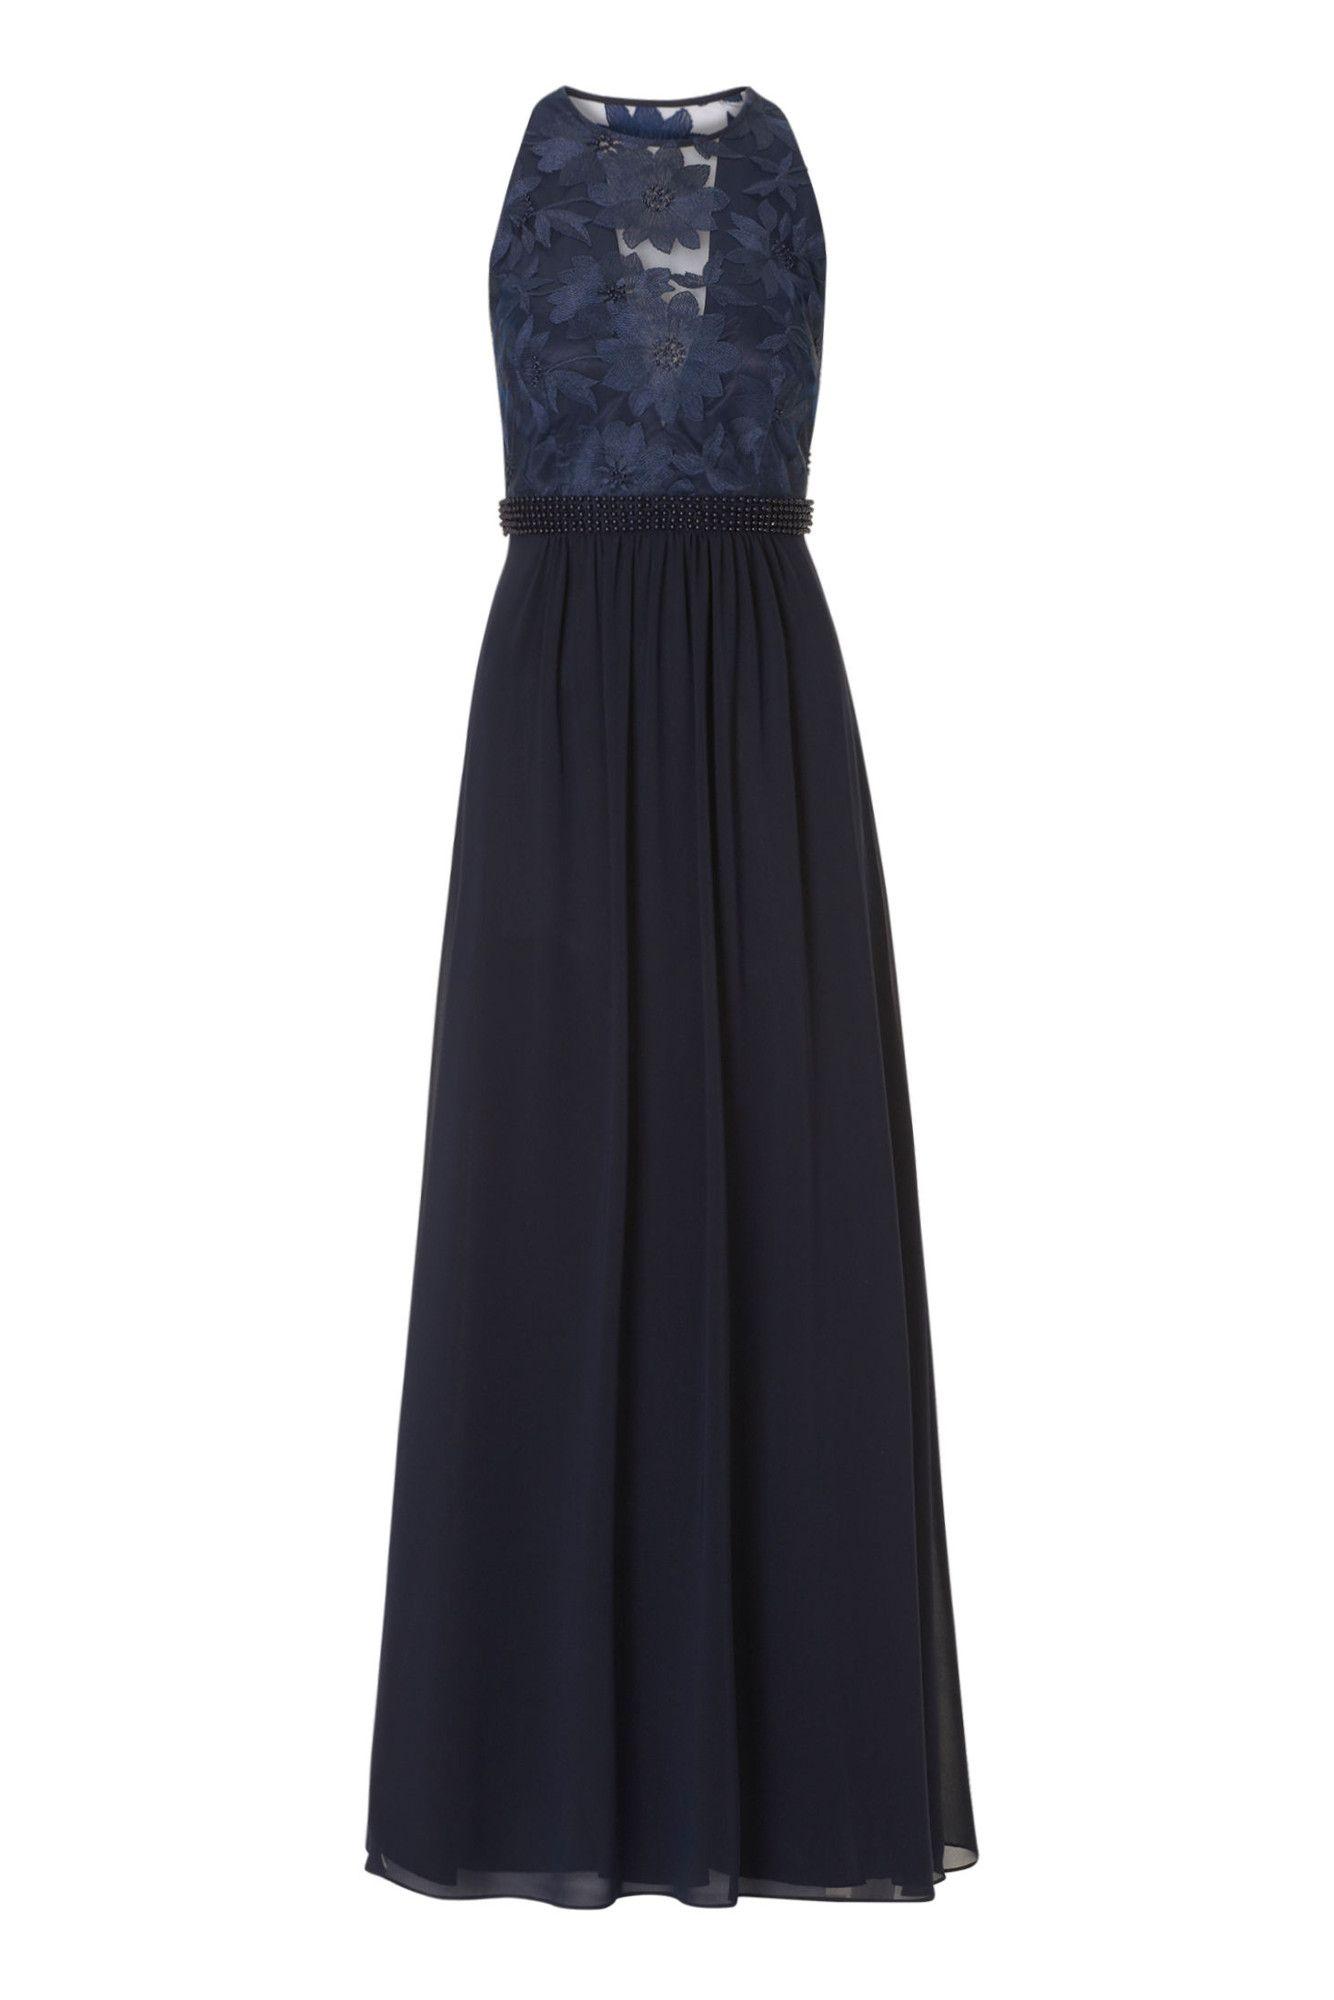 Langes Chiffonkleid Traumhaftes Abendkleid von Vera Mont Luftig